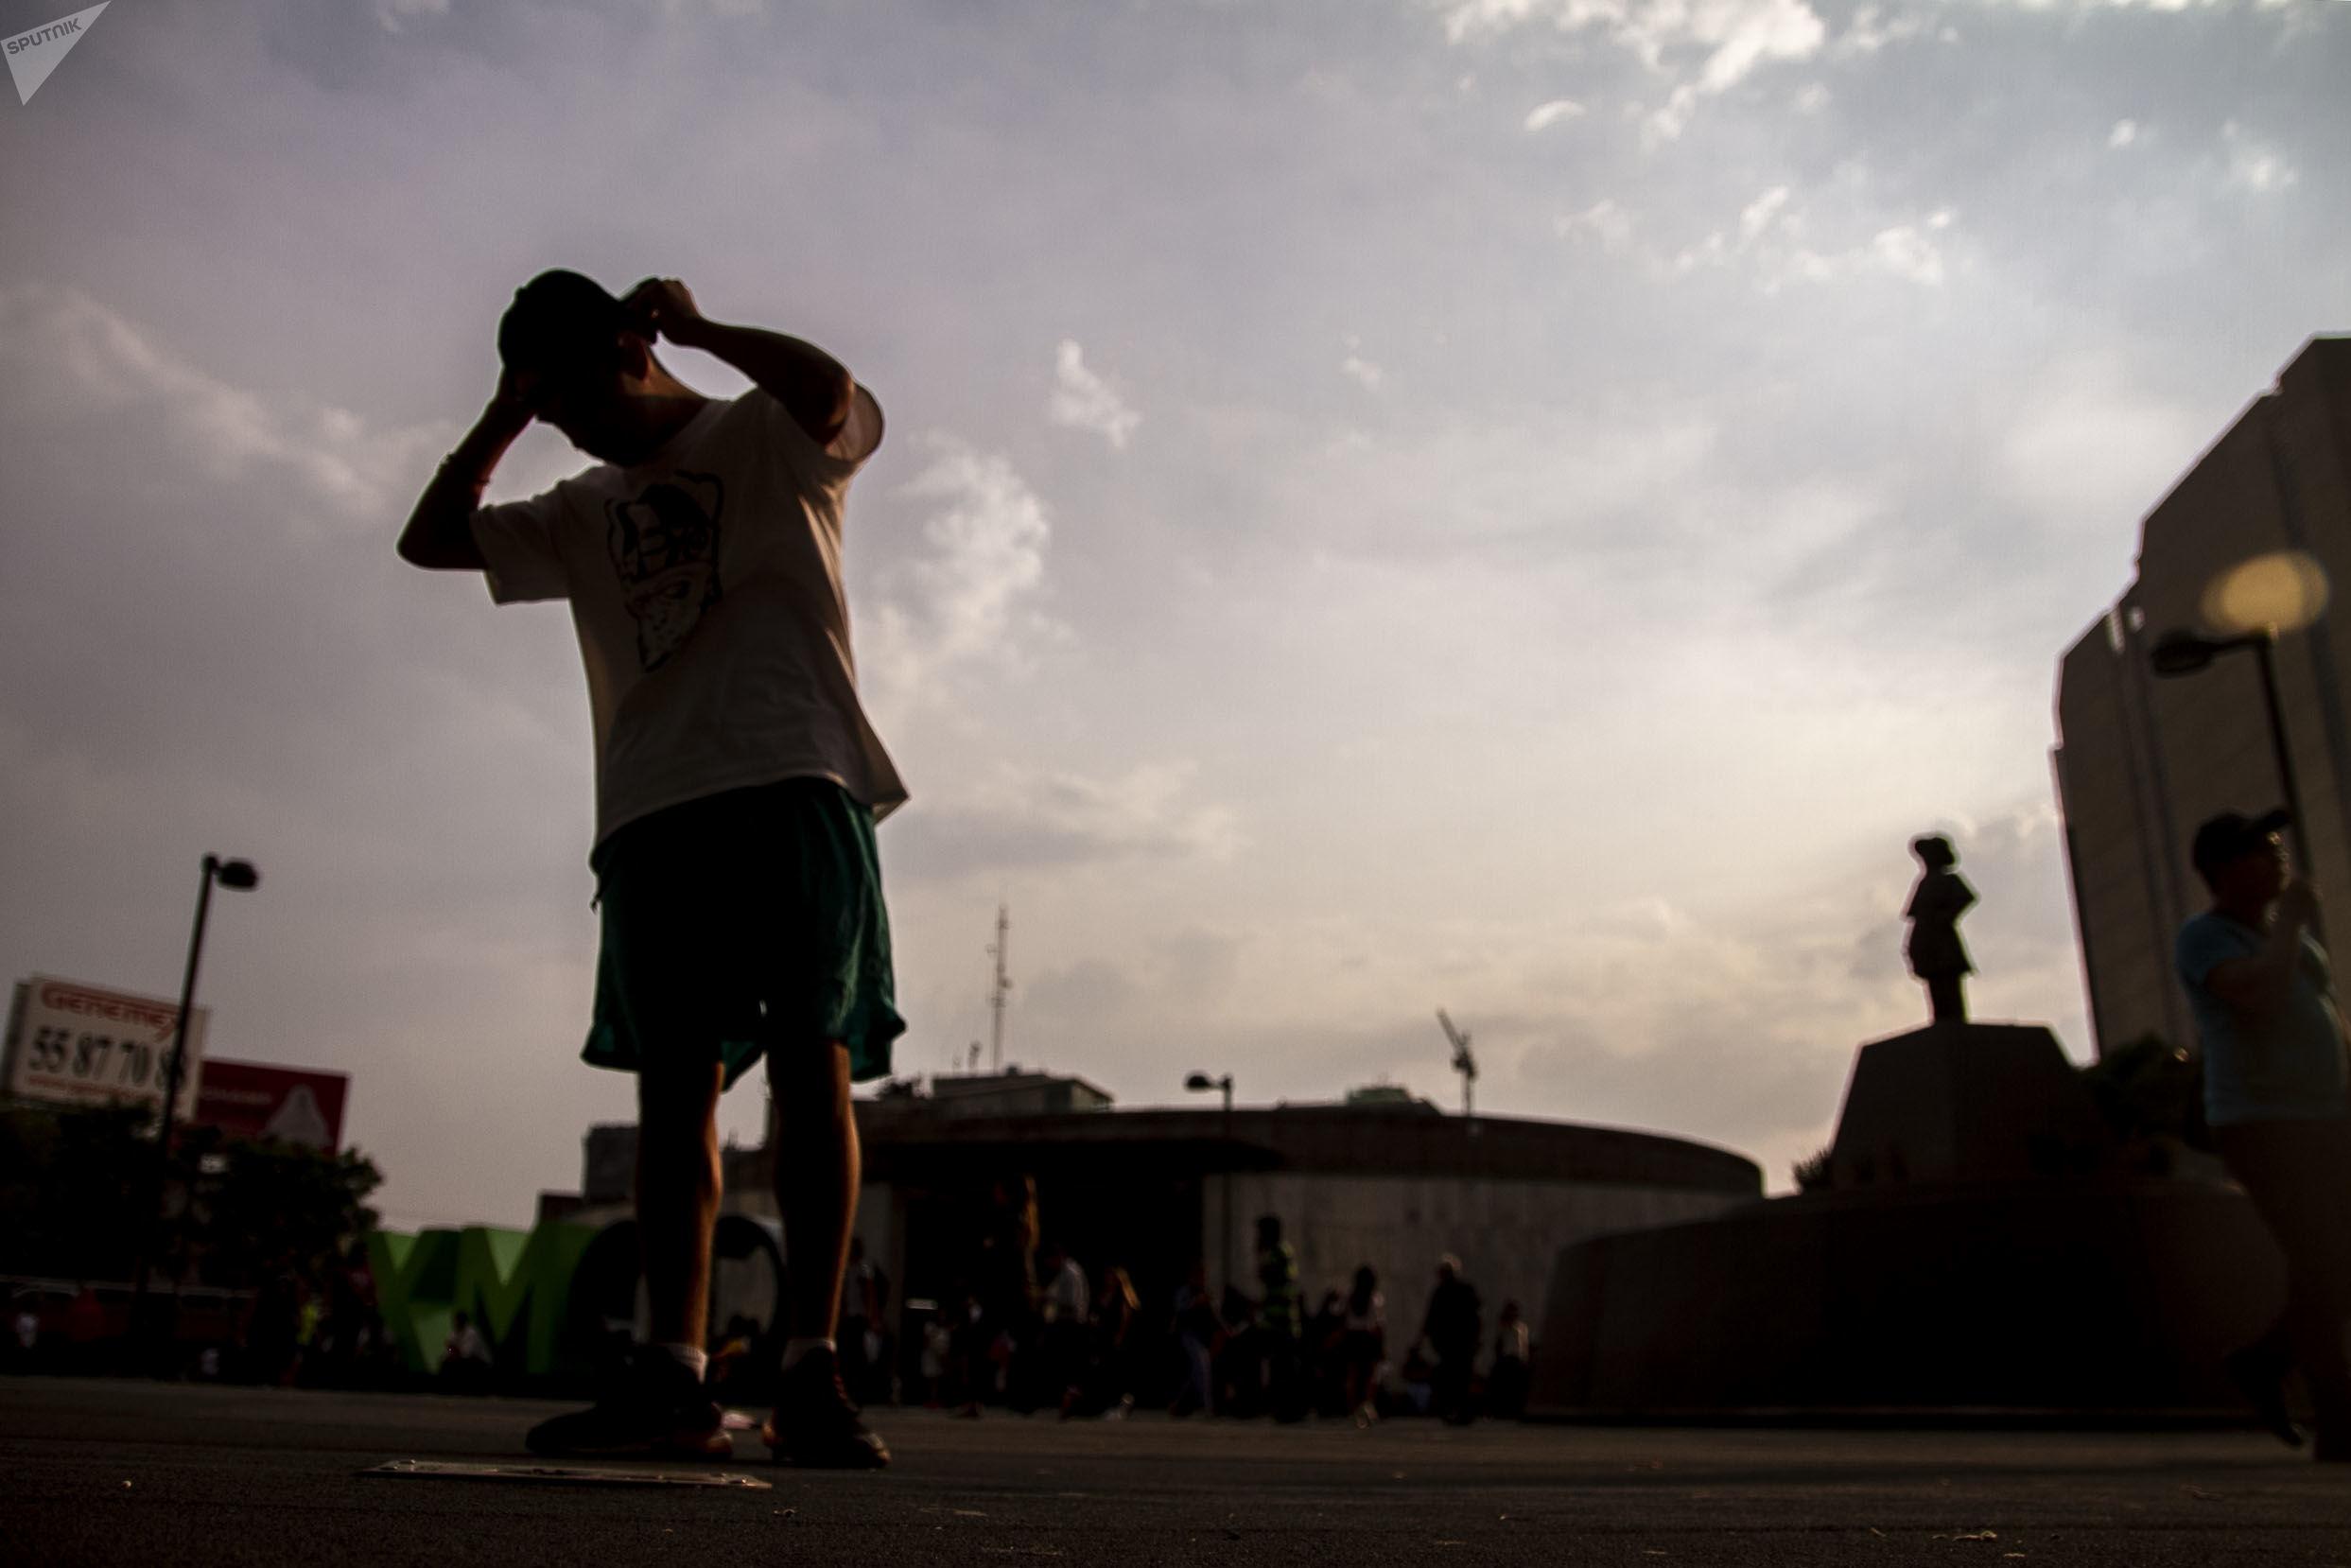 Ciudad de México: Deckor, host de rap, en la Glorieta de los Insurgentes